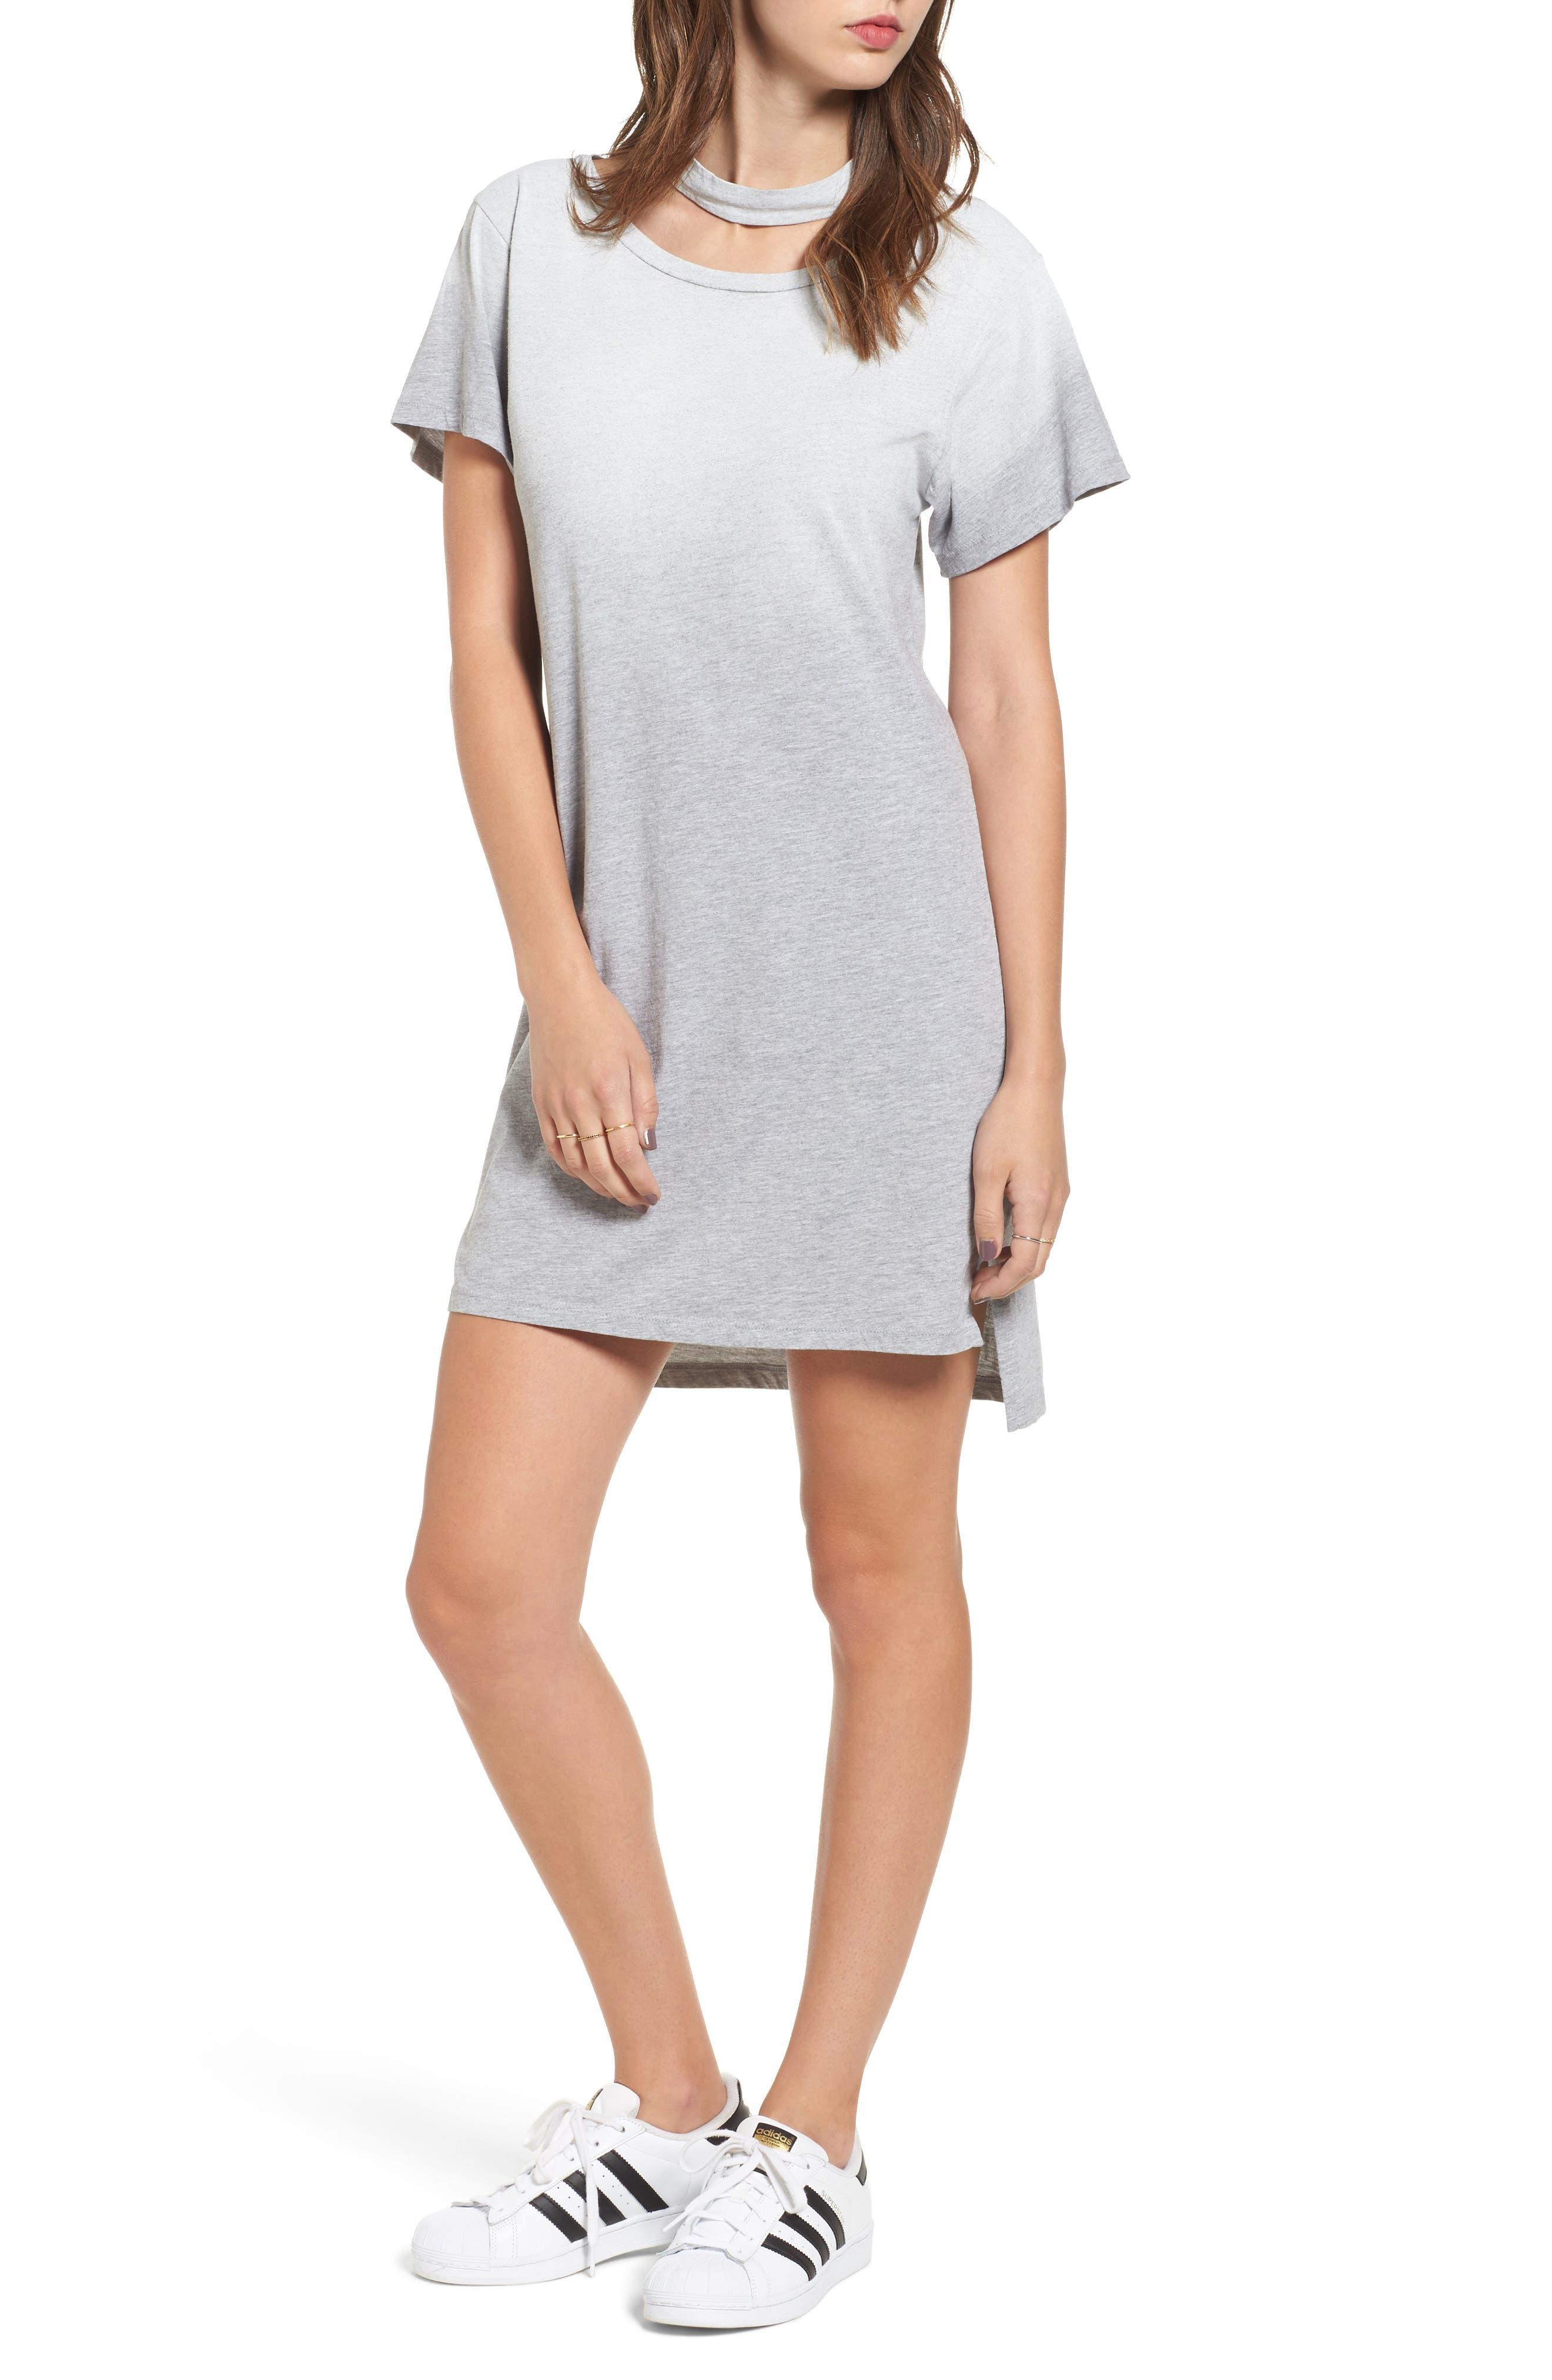 LNA Choker T-Shirt Dress